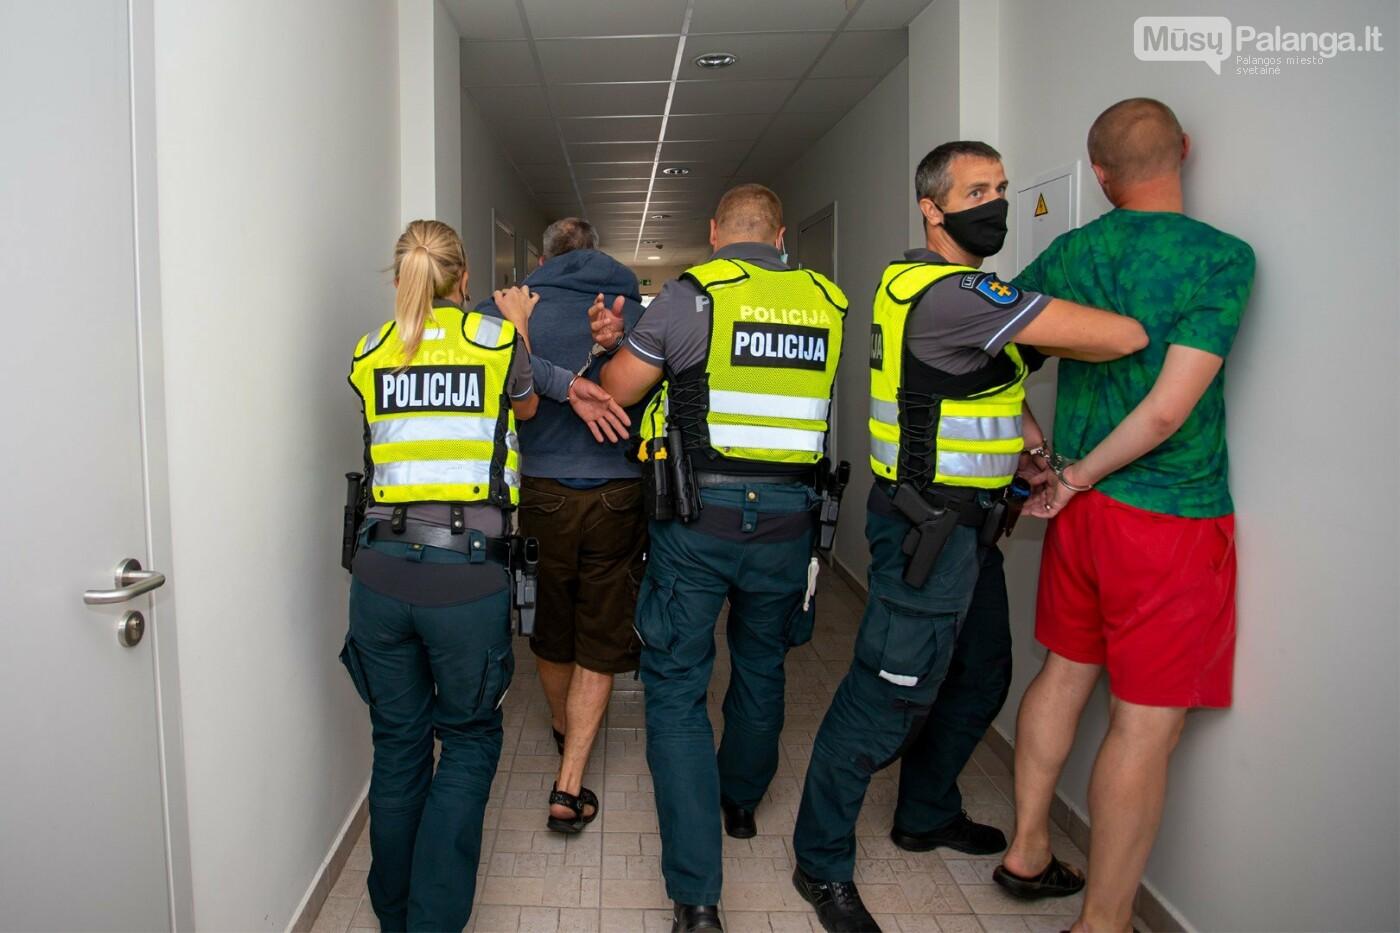 Išrinkta geriausia Klaipėdos apskrities policijos pareigūnų komanda, nuotrauka-4